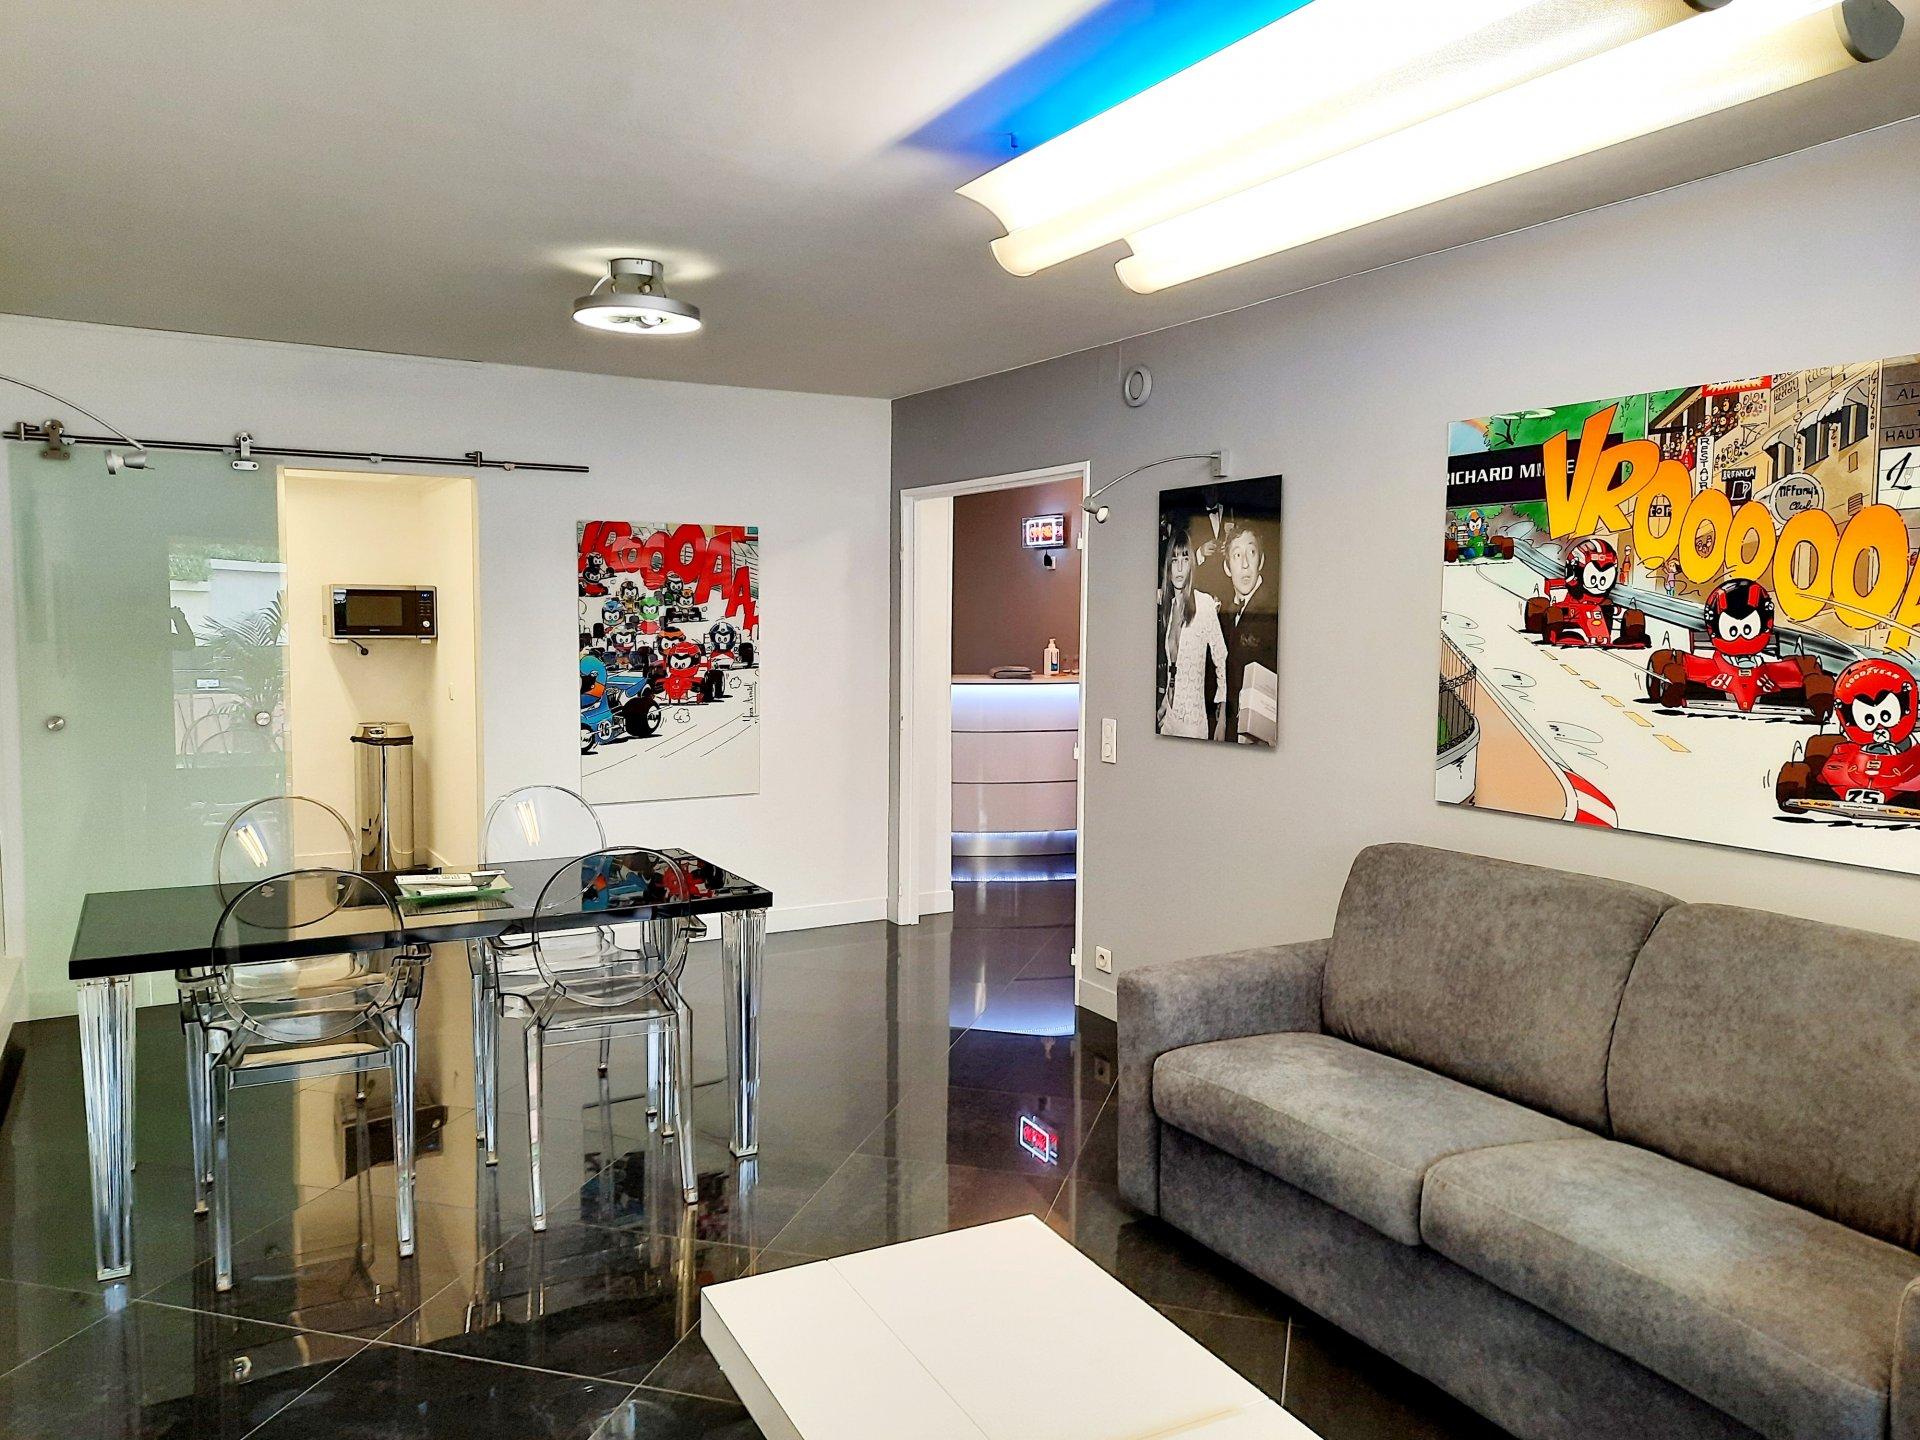 A vendre à Cannes petit Juas superbe 3 pièces de 74 m²